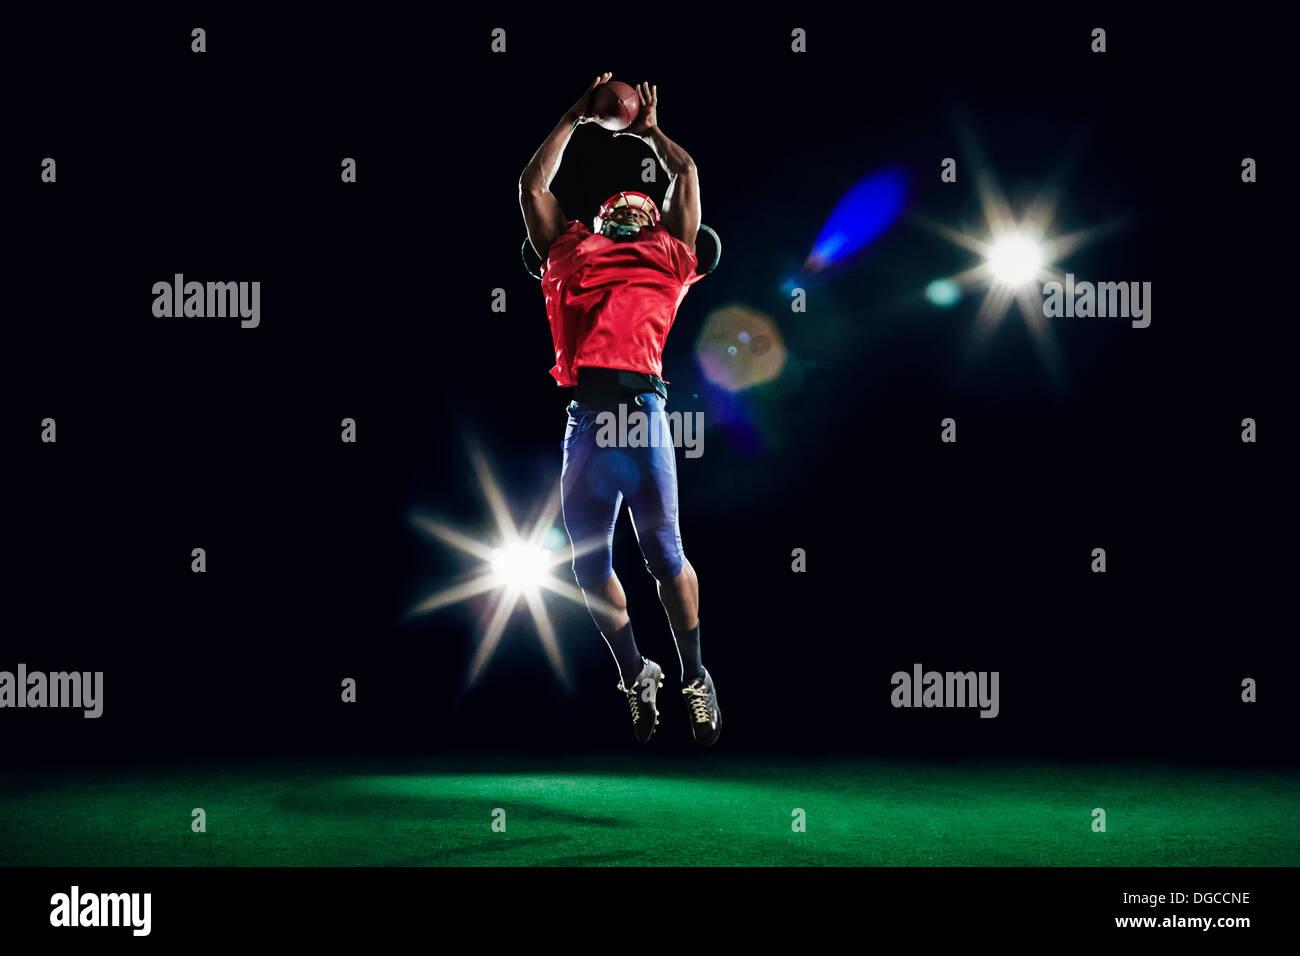 Jugador de fútbol americano atrapando la bola Imagen De Stock